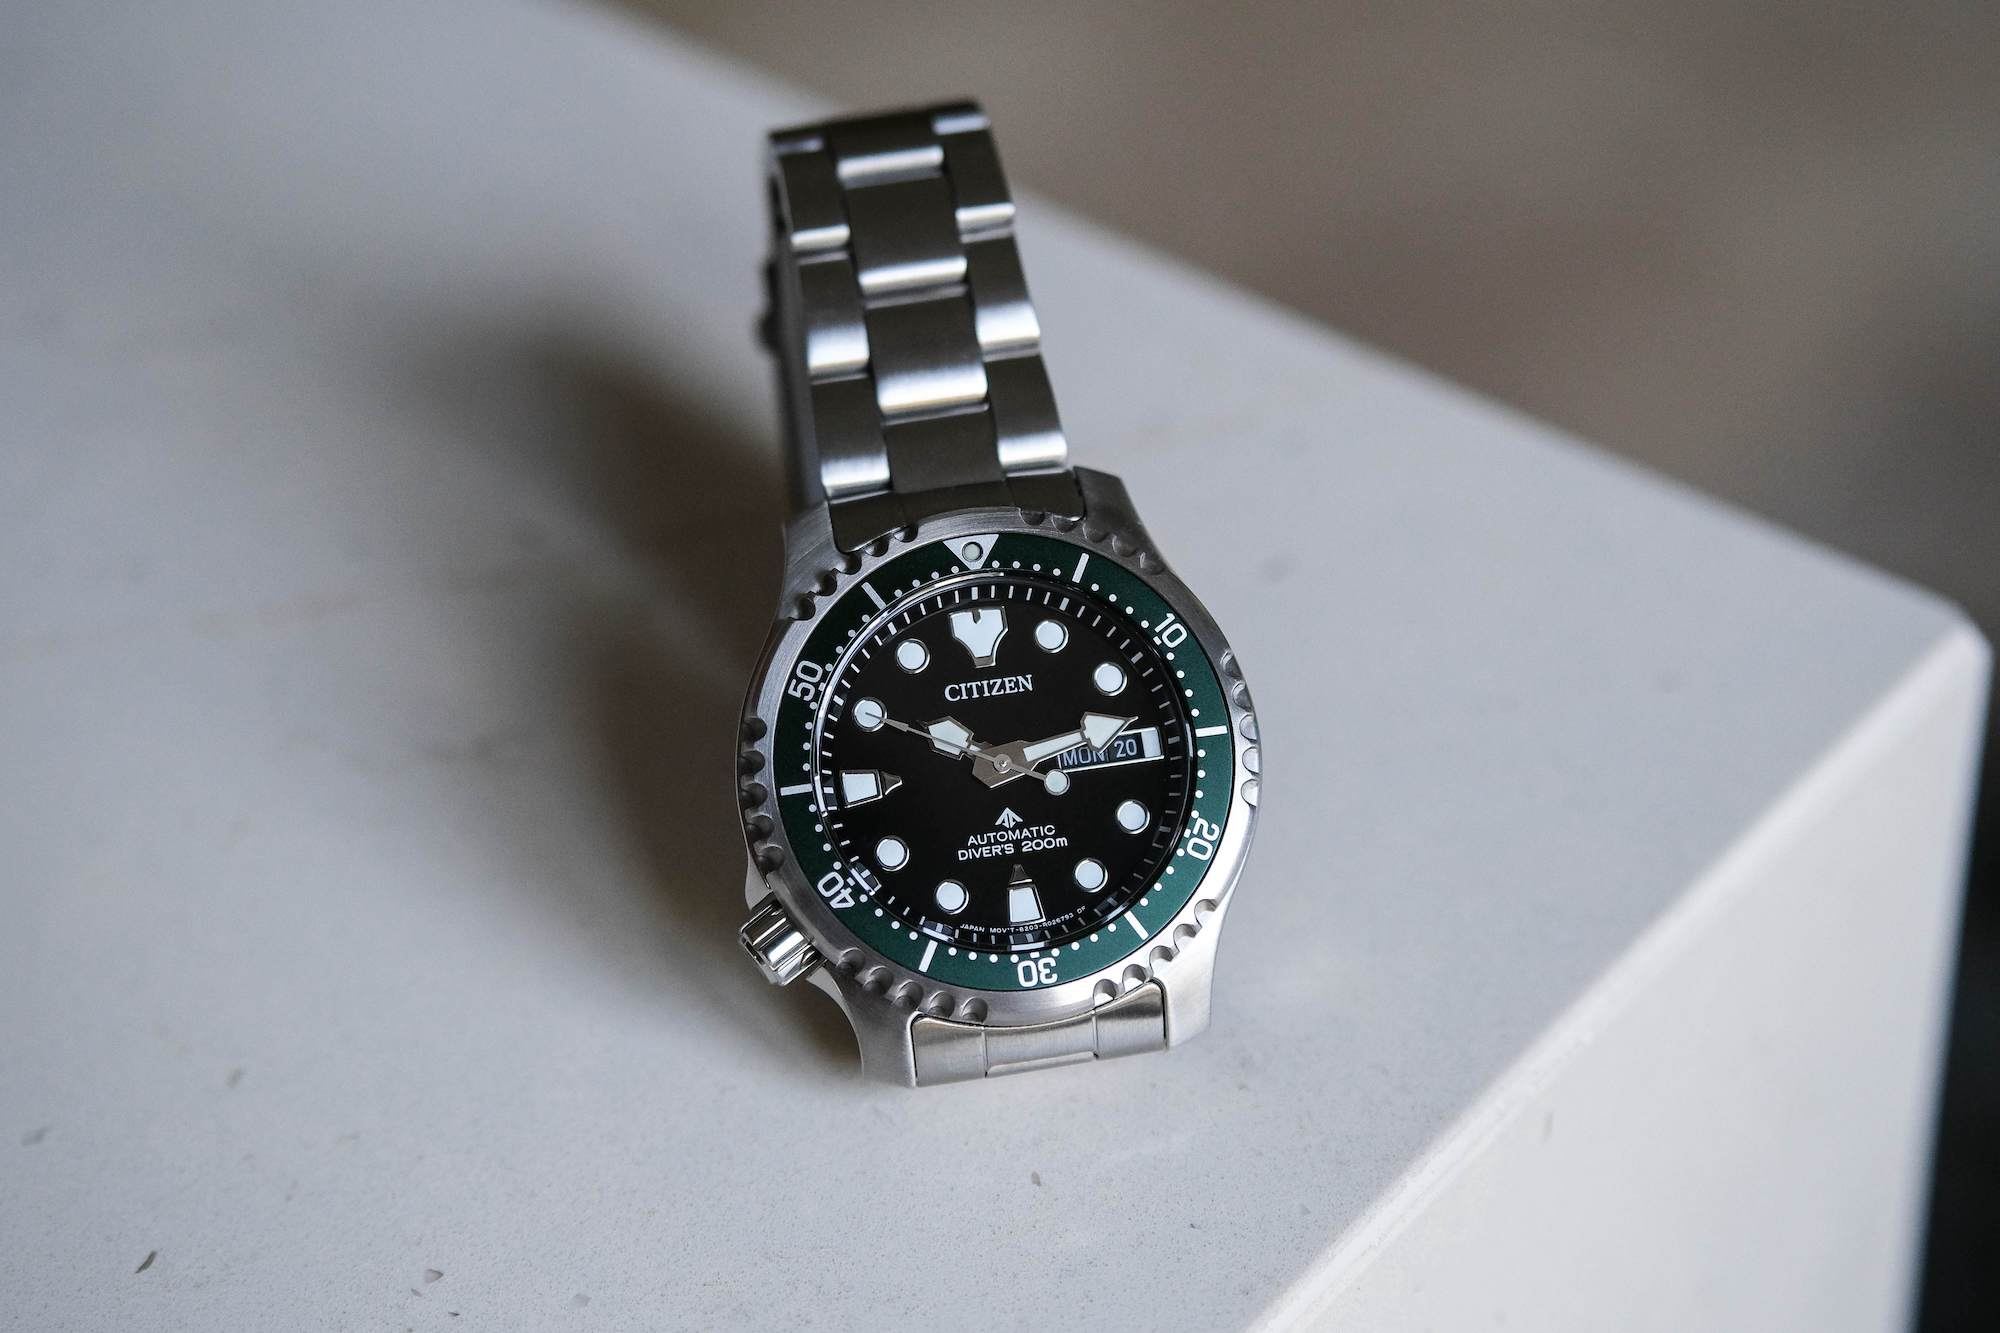 Promaster Diver Automatic NY0084-89E